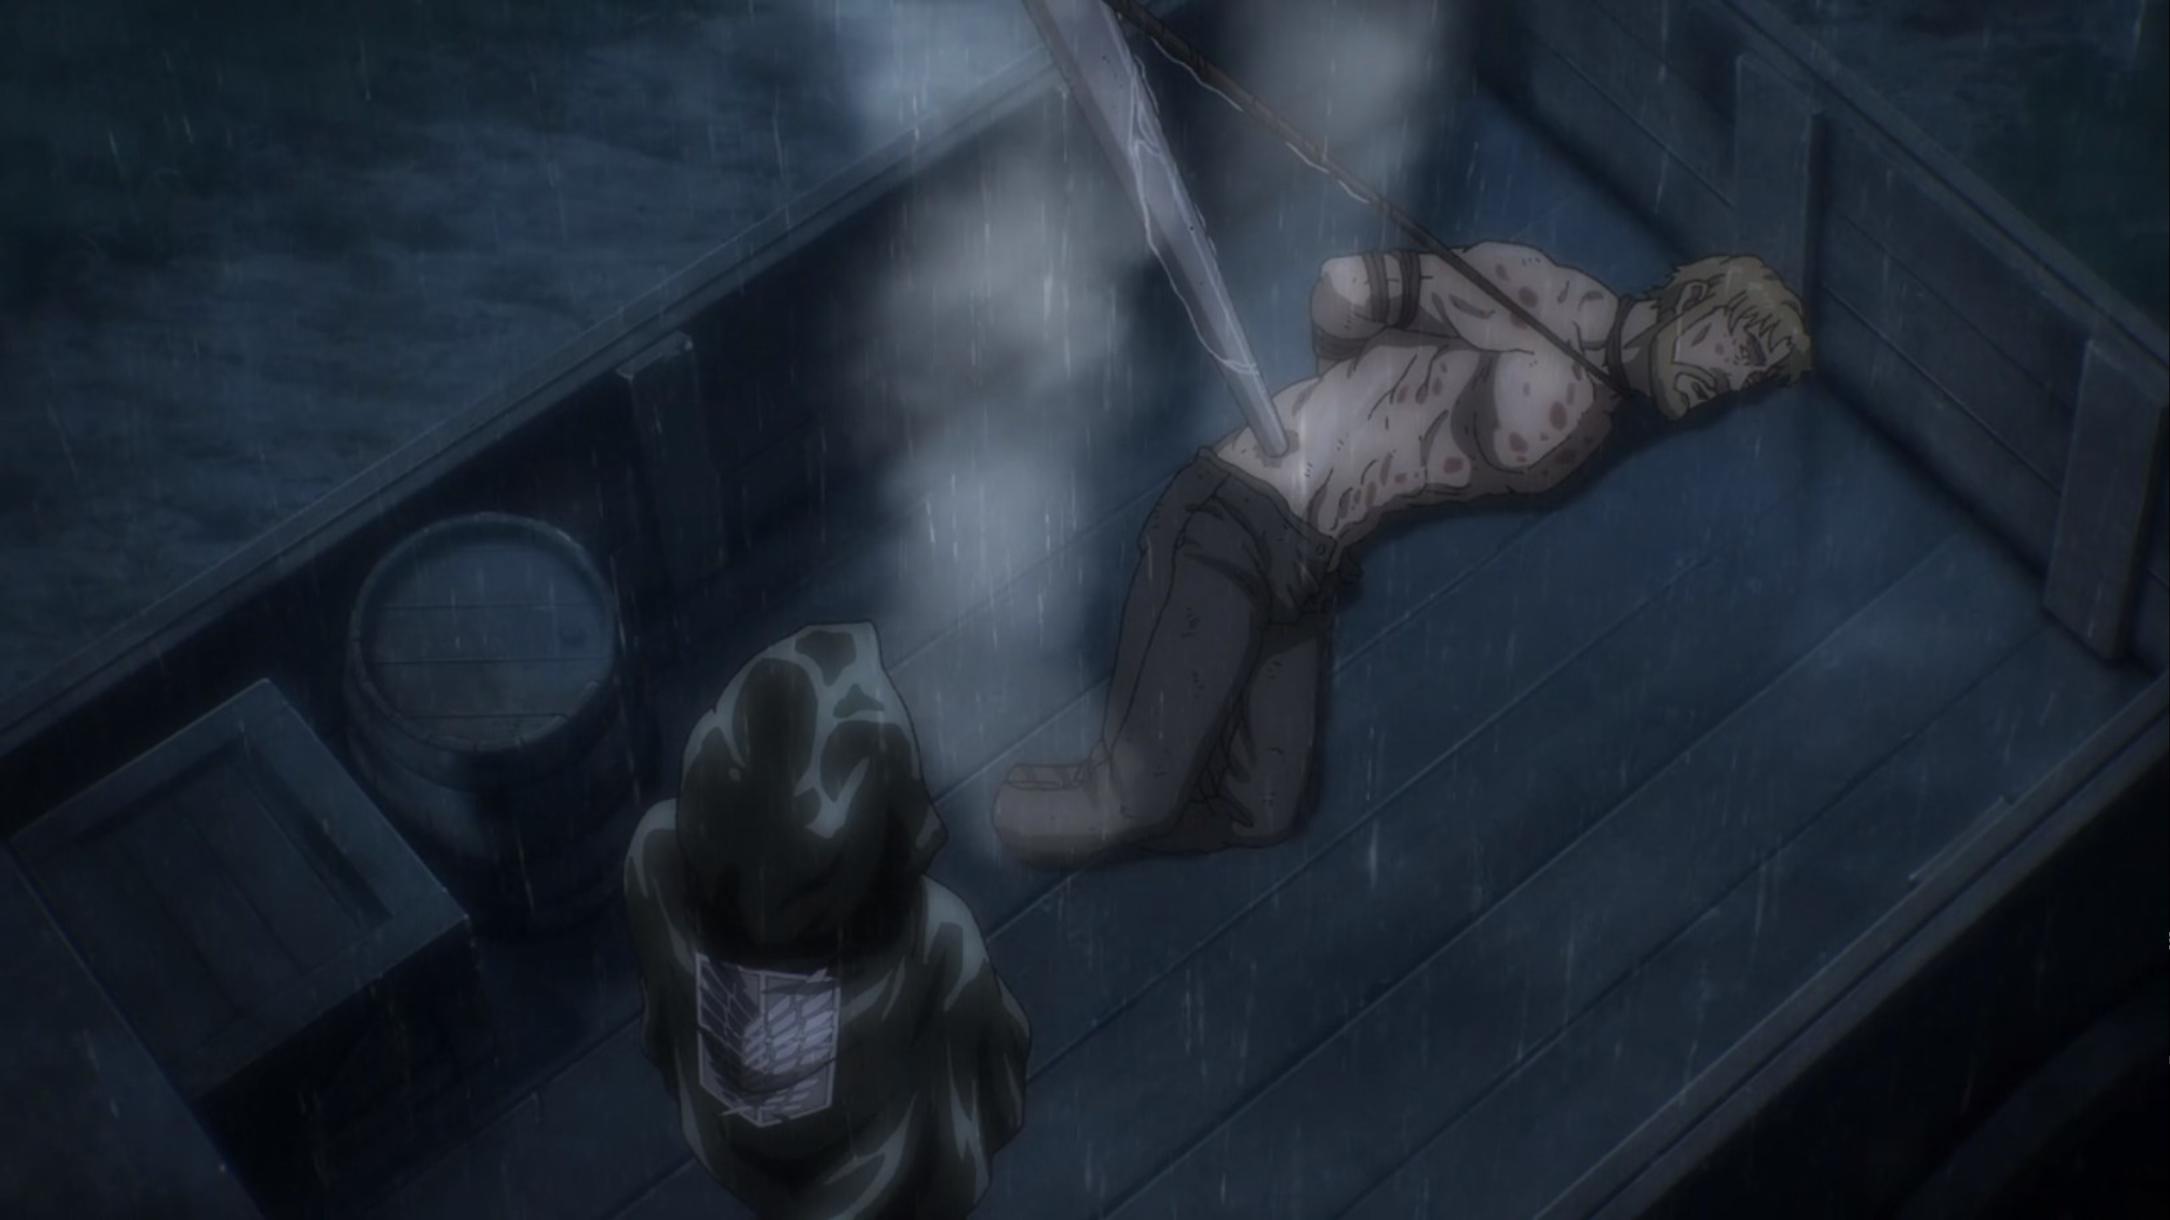 Attack On Titan Season 4 Episode 16 Levi killed zake